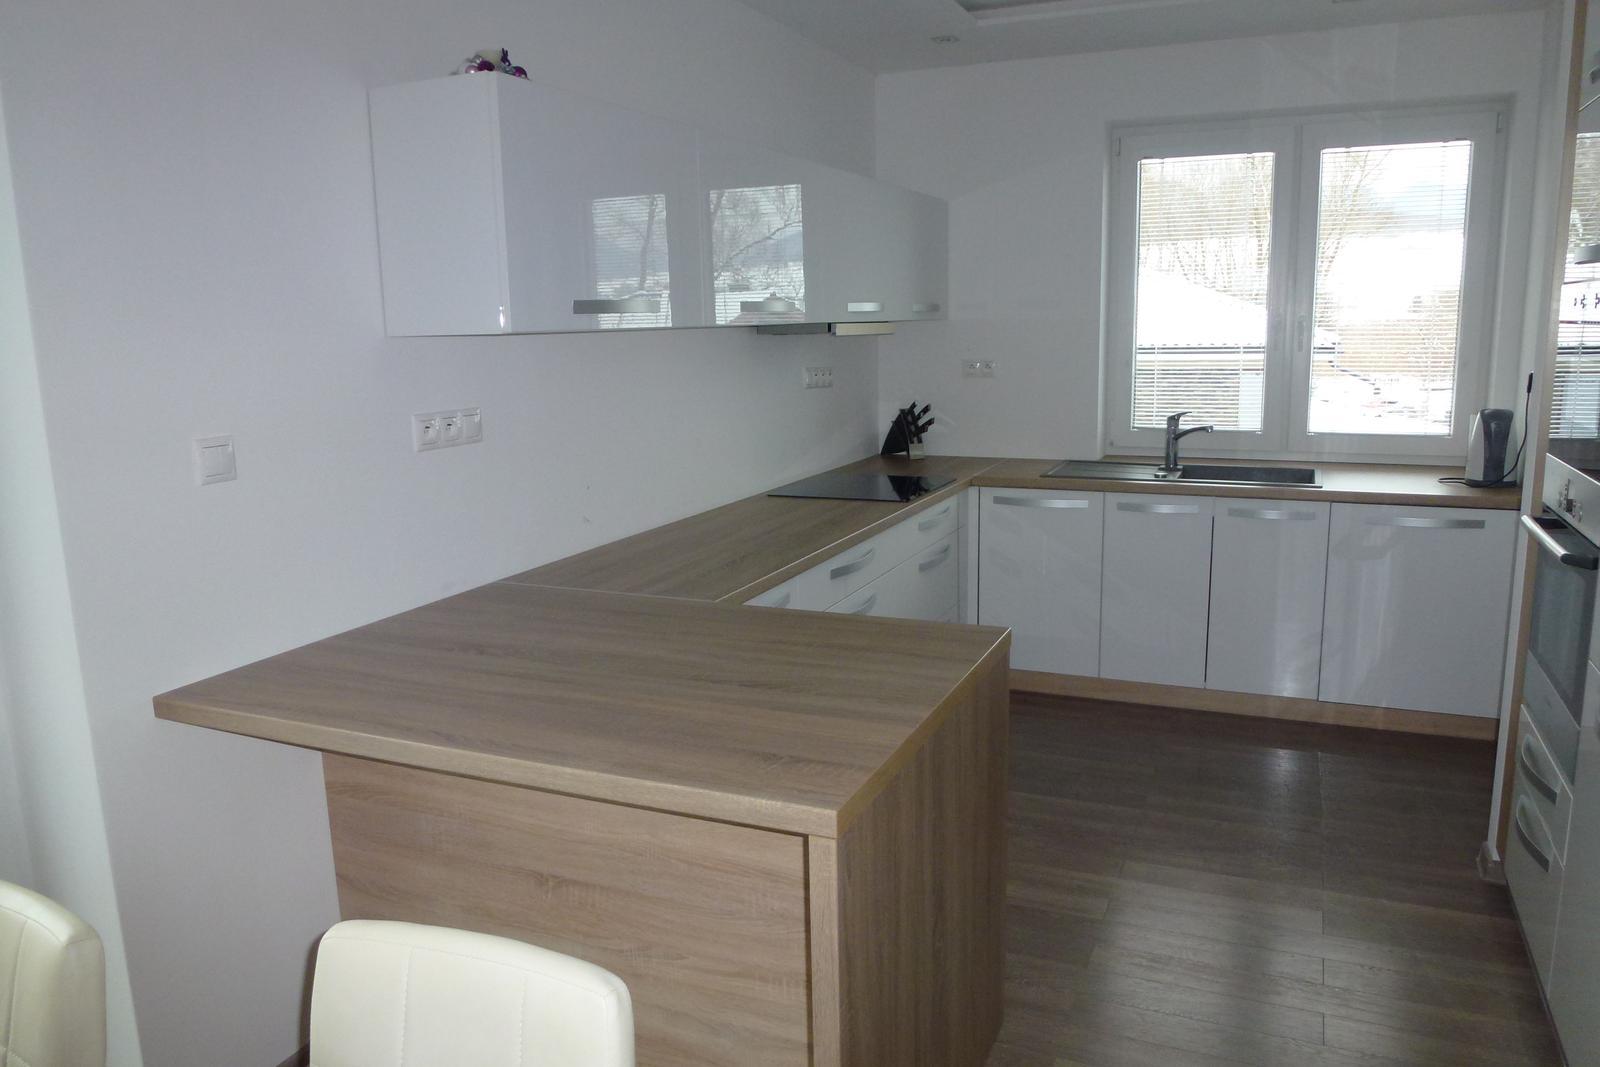 Náš nový domček - Obrázok č. 167